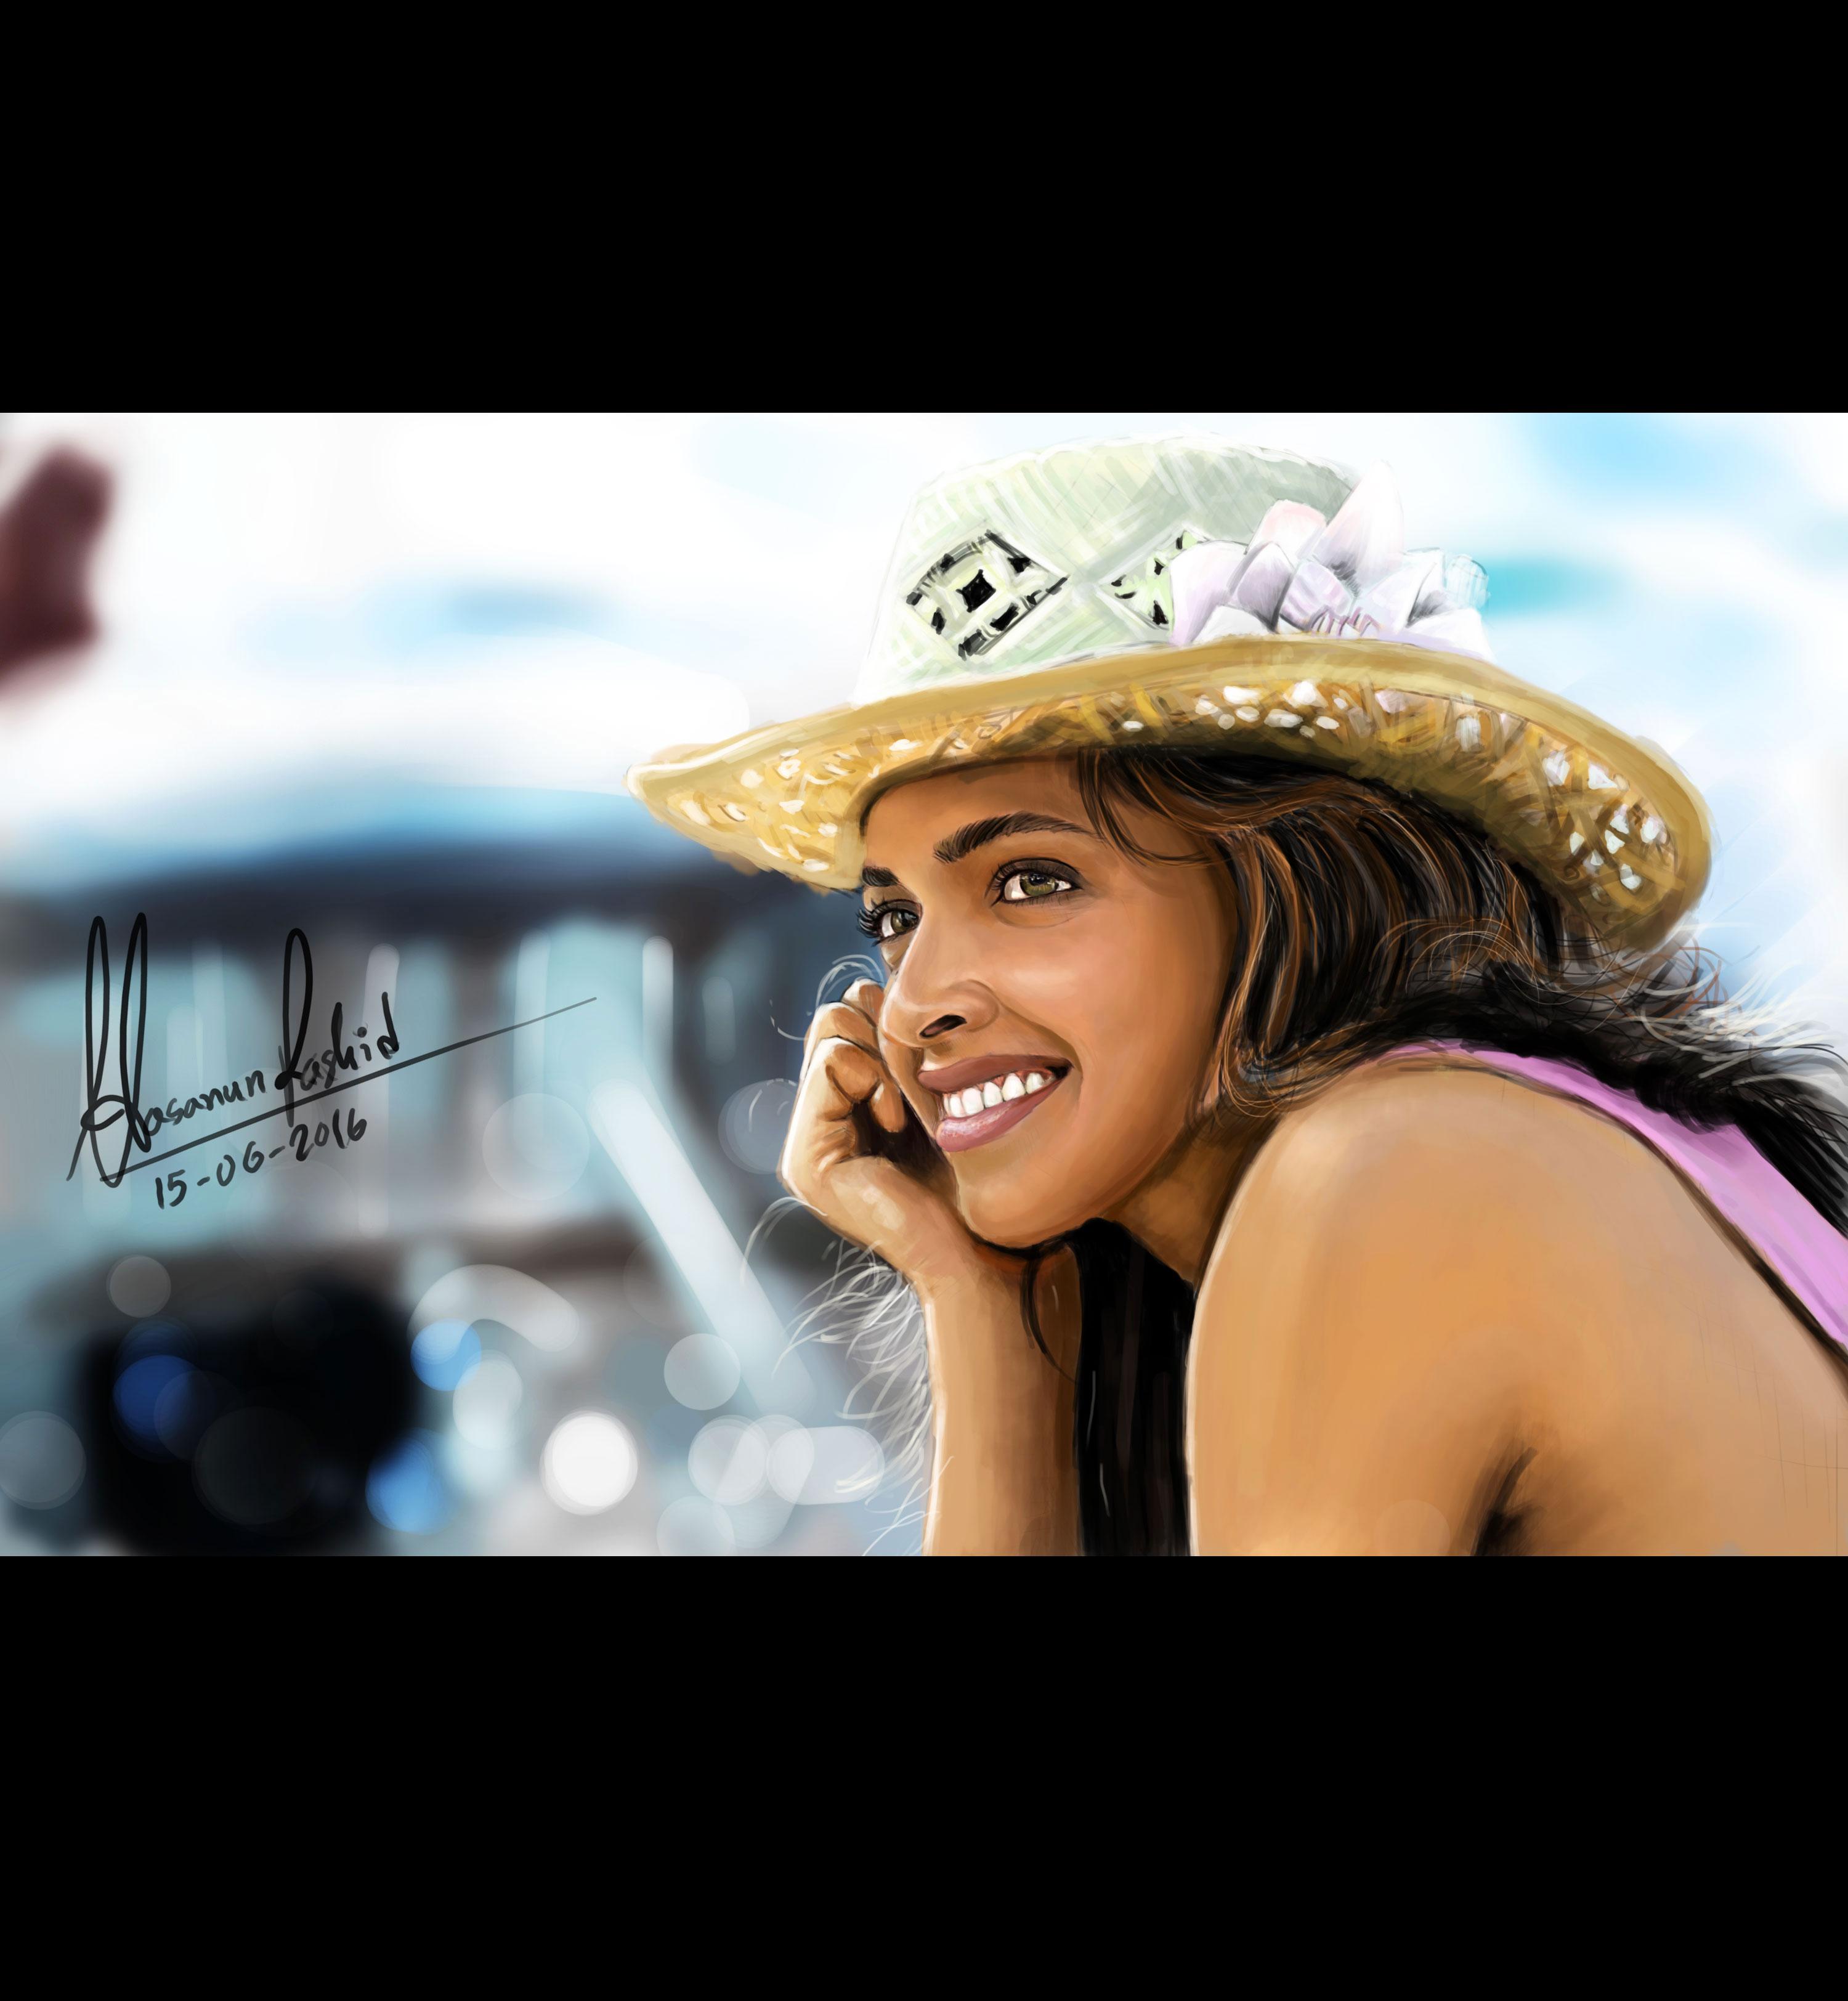 Deepika Padukon(BollywoodActress) -DigitalPainting